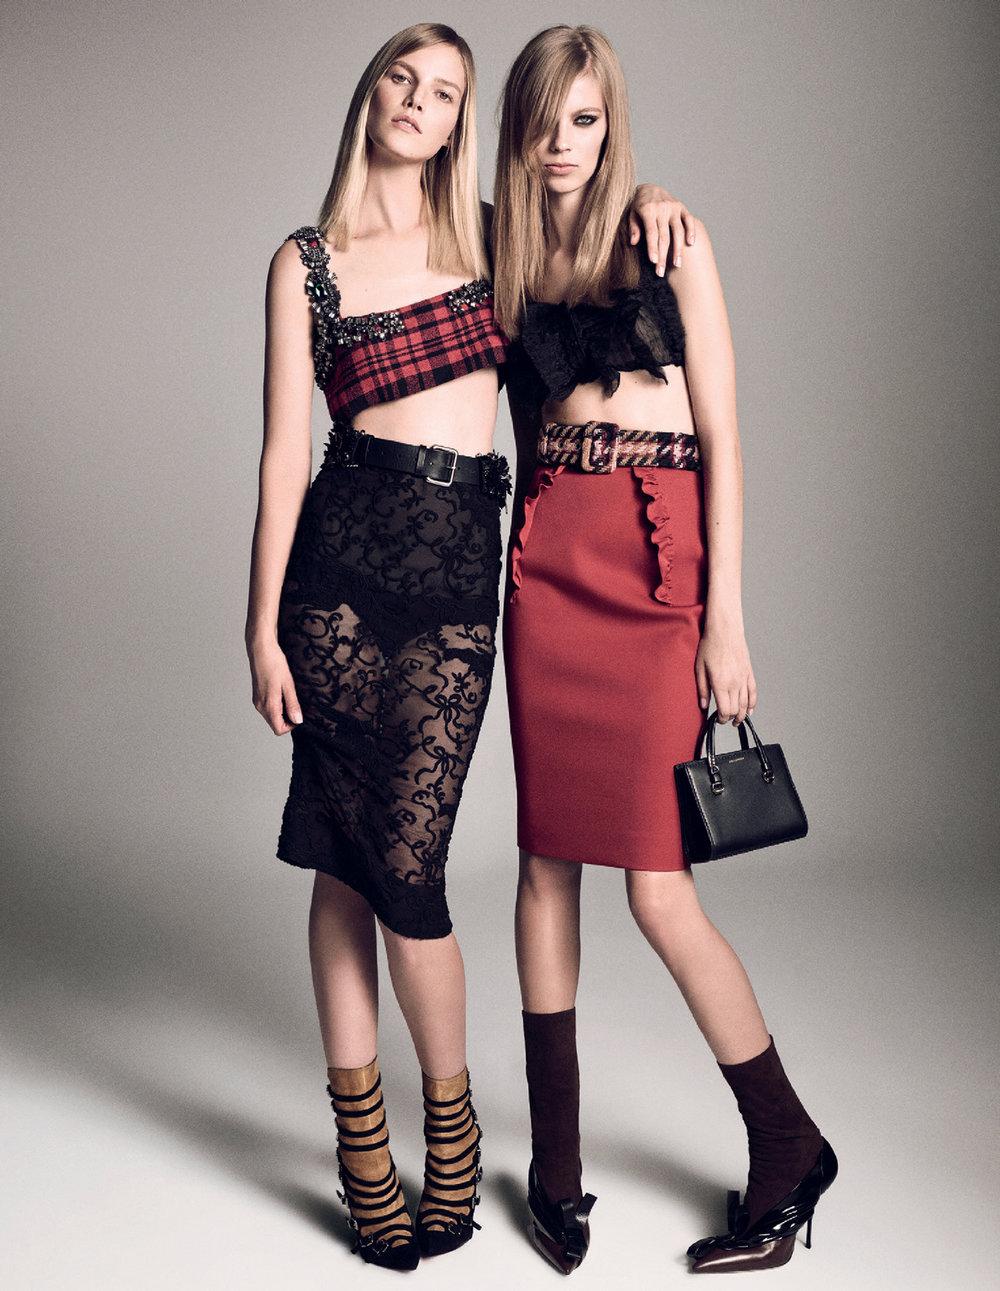 Giovanna-Battaglia-Vogue-Japan-March-2015-Digital-Generation-24.jpg